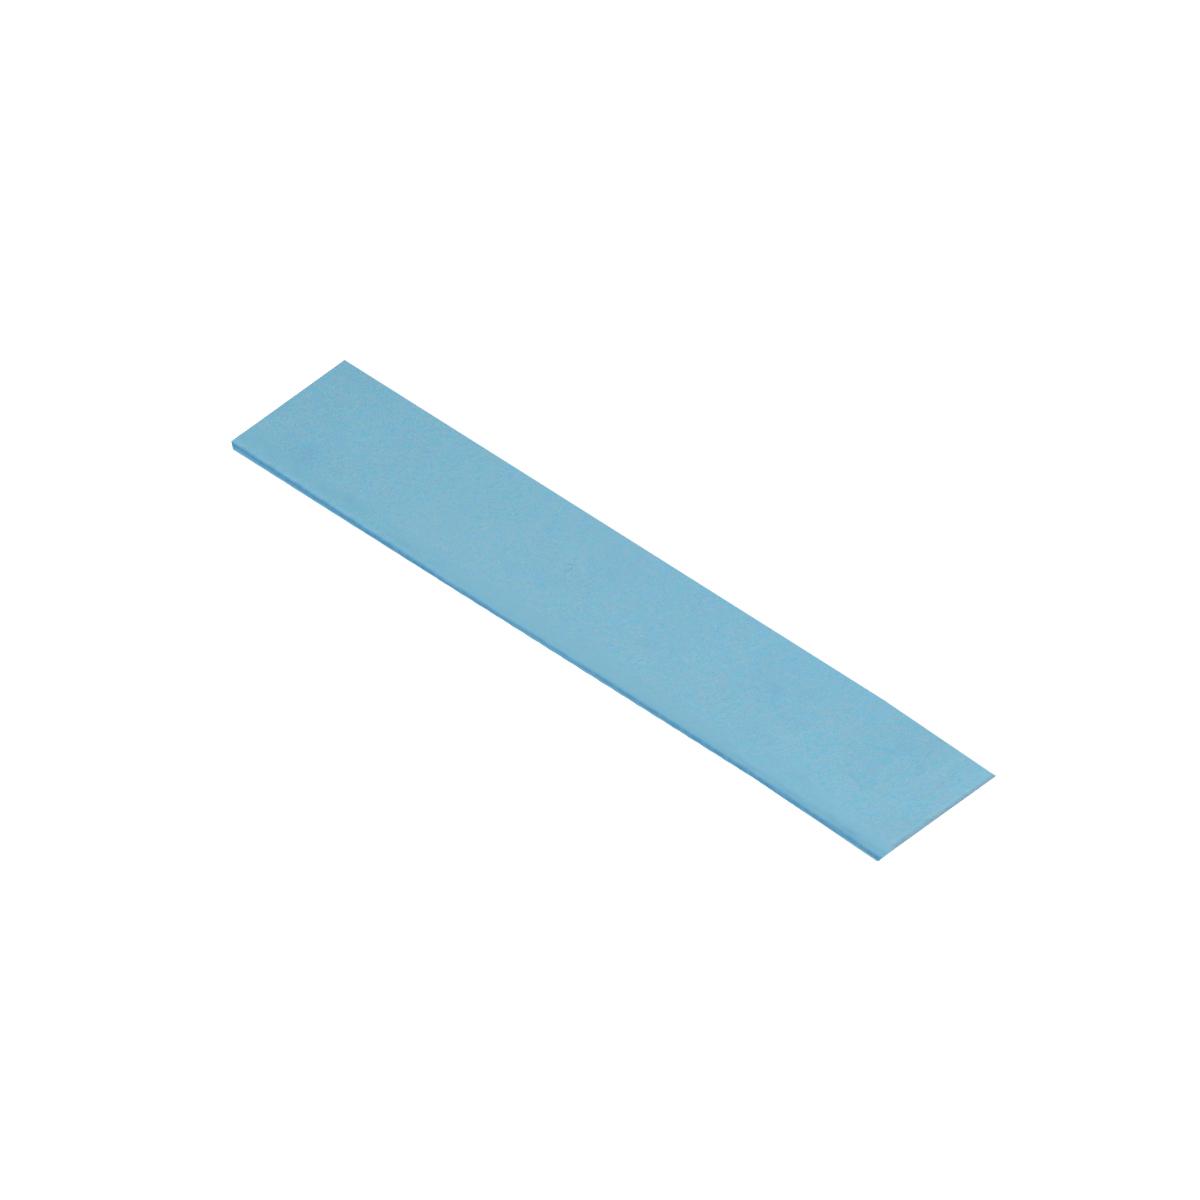 Arctic Thermal Pad - APT2560 - Blau - Silikon - 200 °C - 120 mm - 20 mm - 0,5 mm